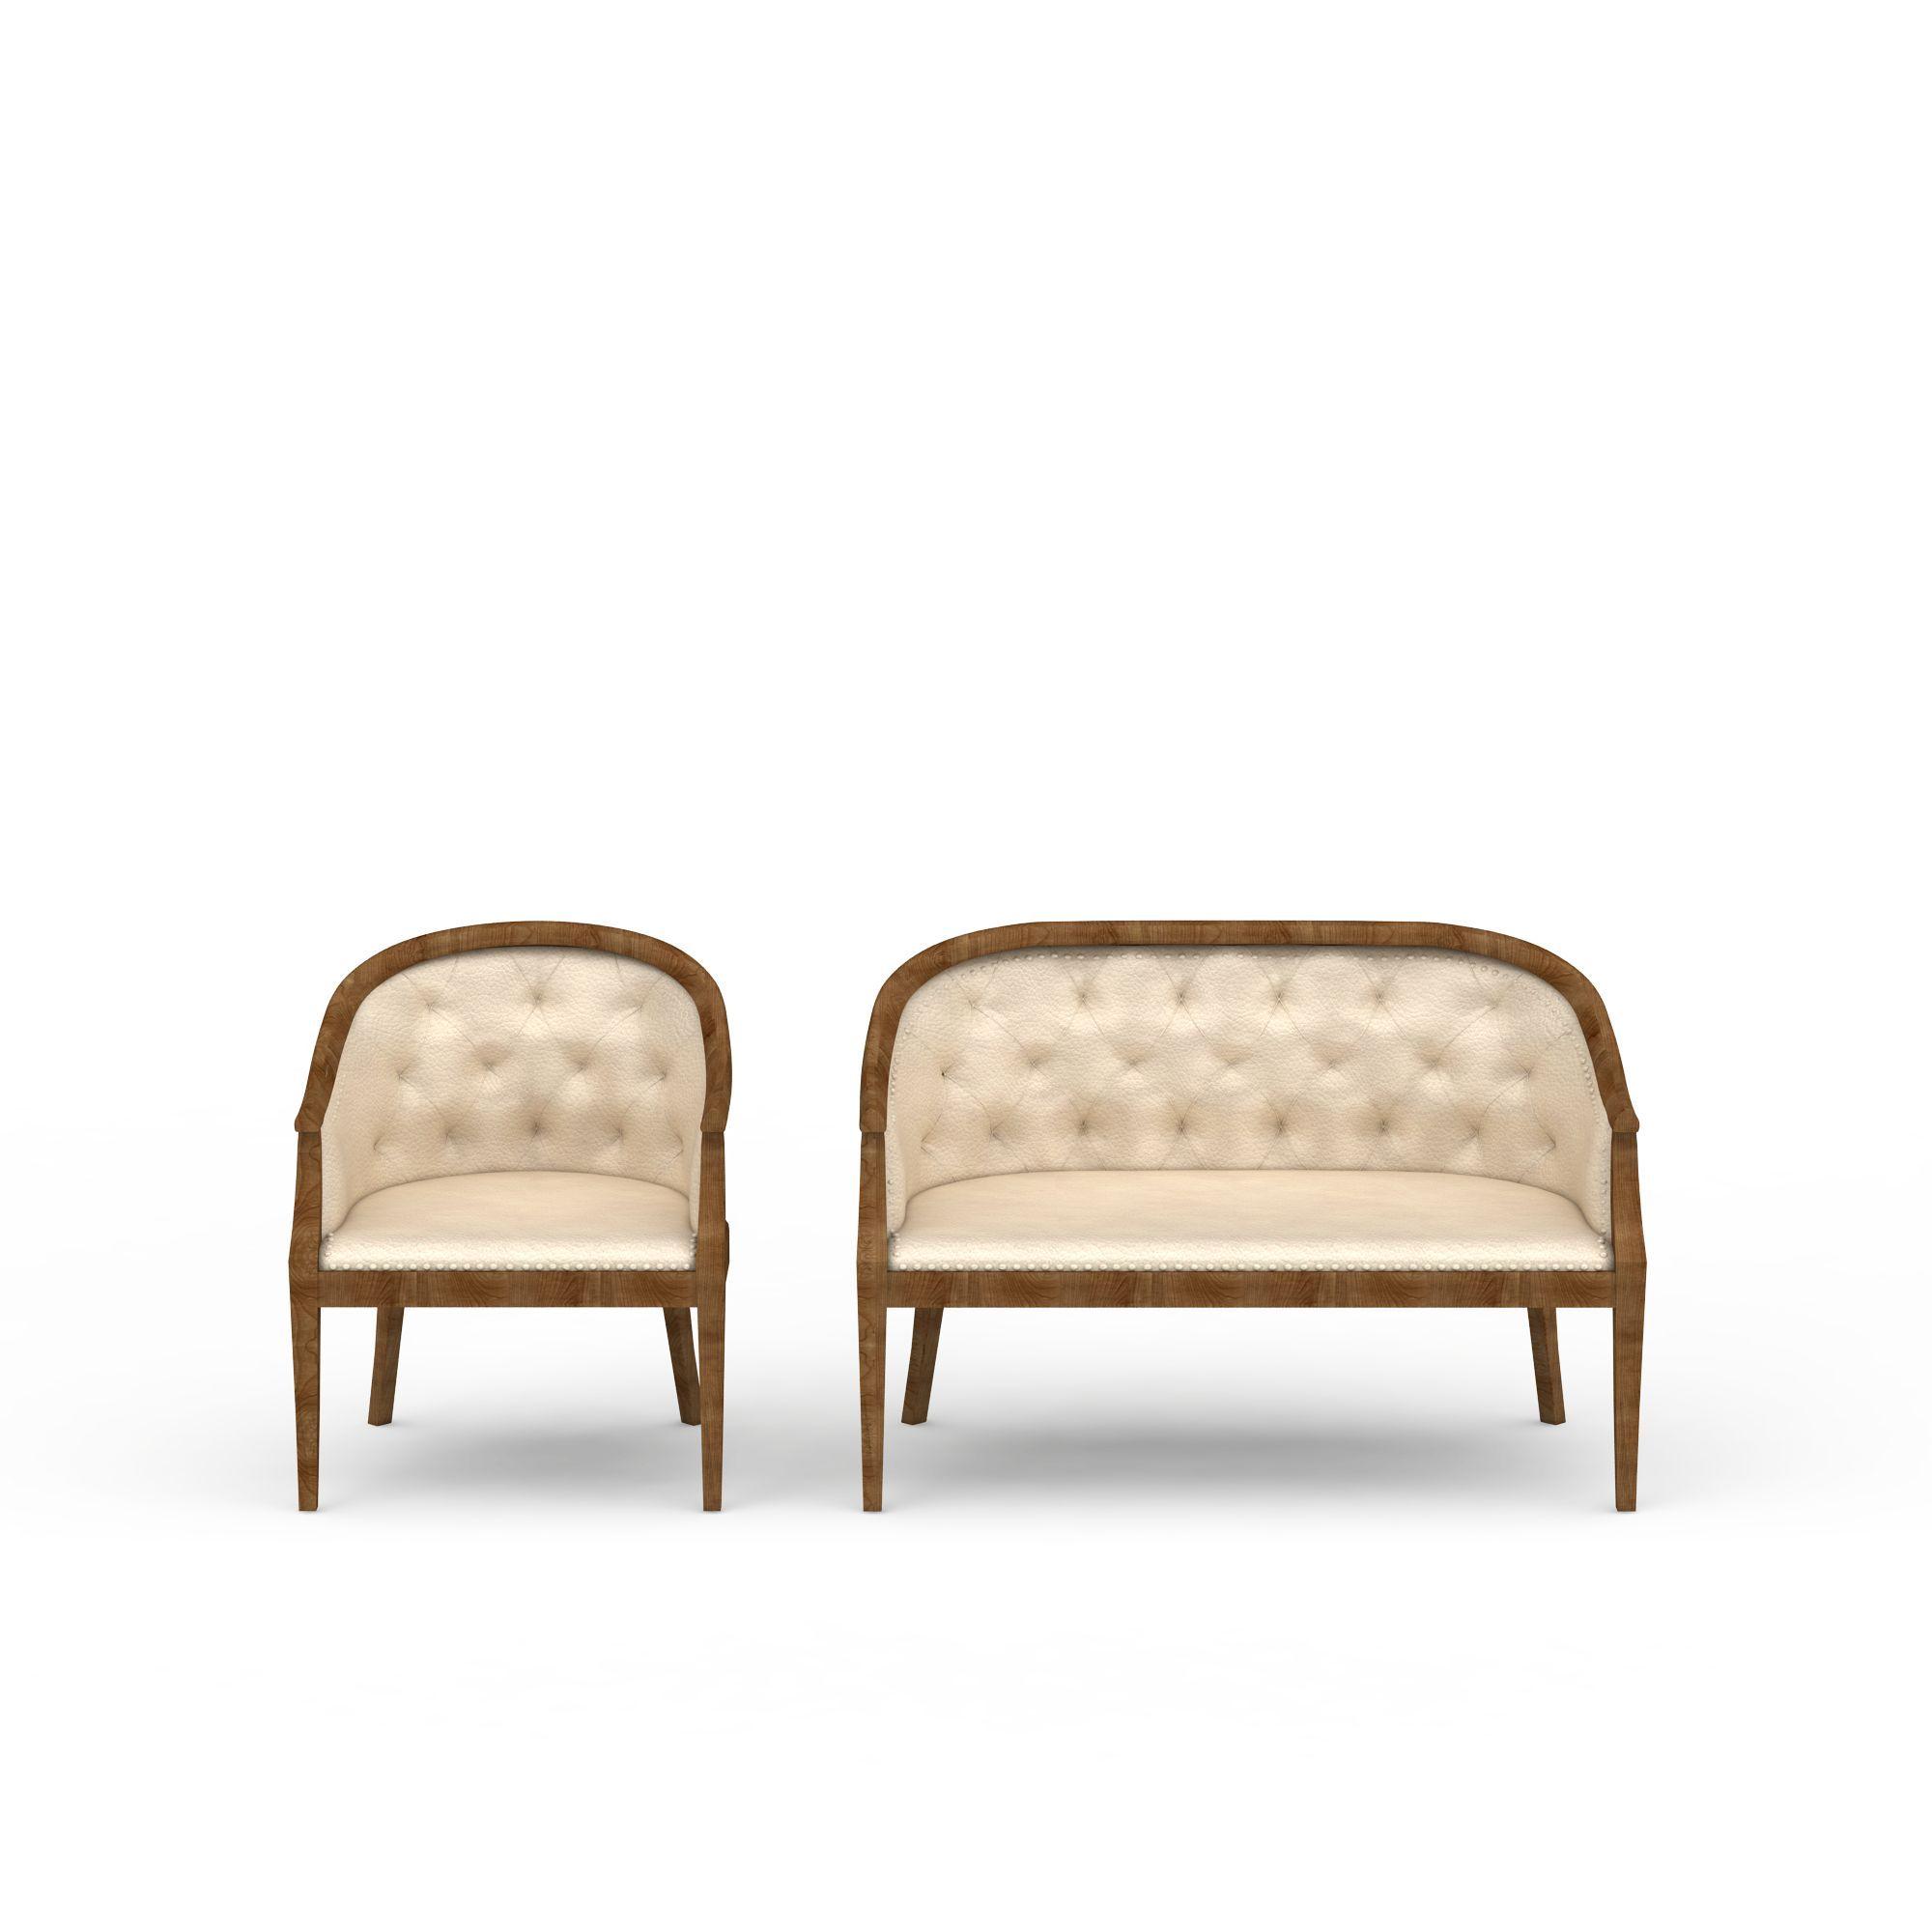 弧形靠背沙发图片_弧形靠背沙发png图片素材_弧形靠背